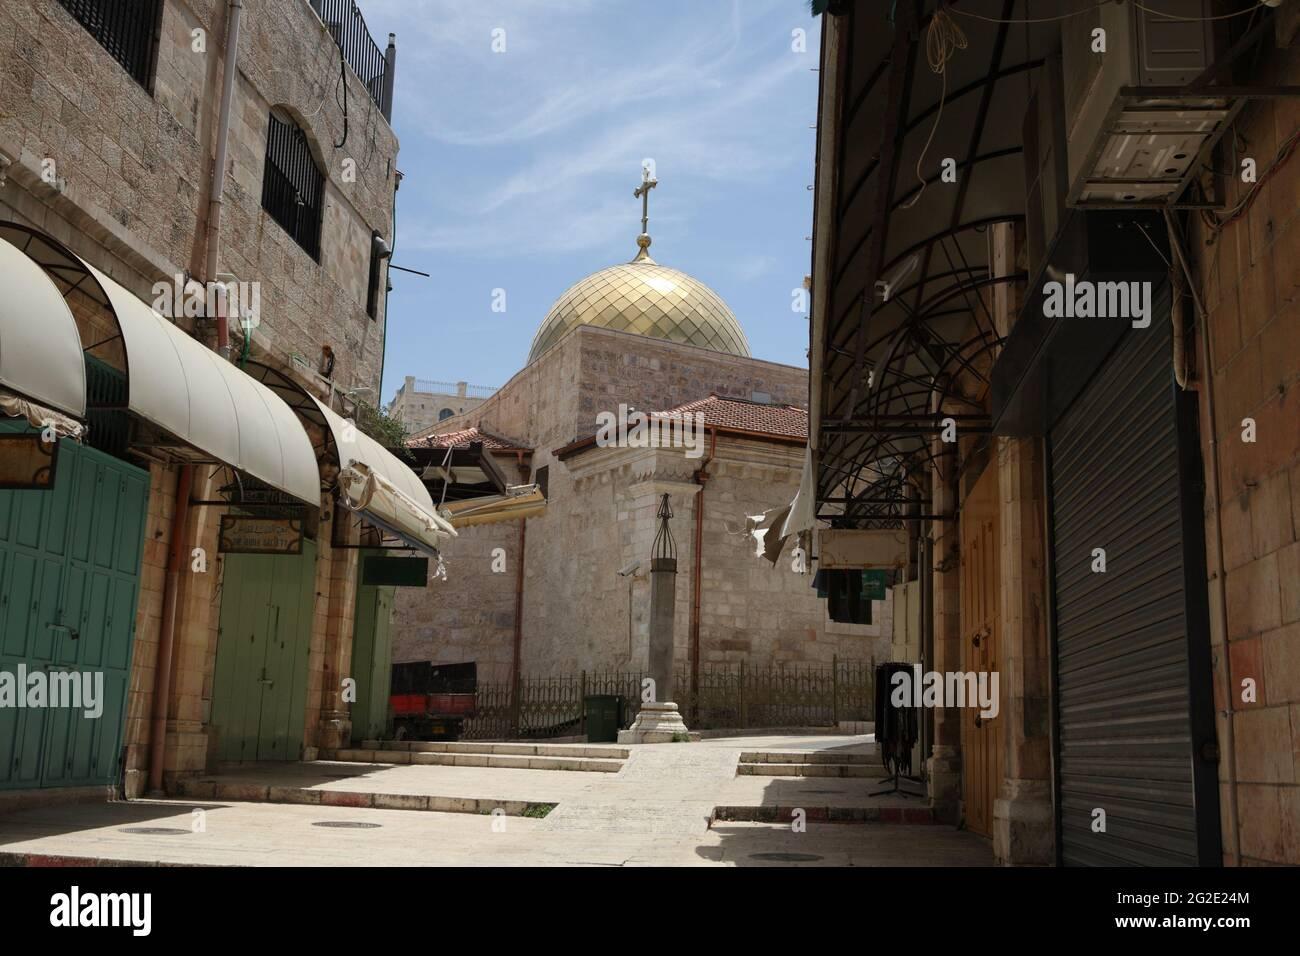 Église orthodoxe grecque, bâtiment extérieur et dôme de Saint Jean-Baptiste dans le Muristan vide en raison de Covid 19, le quartier chrétien de la vieille ville Banque D'Images